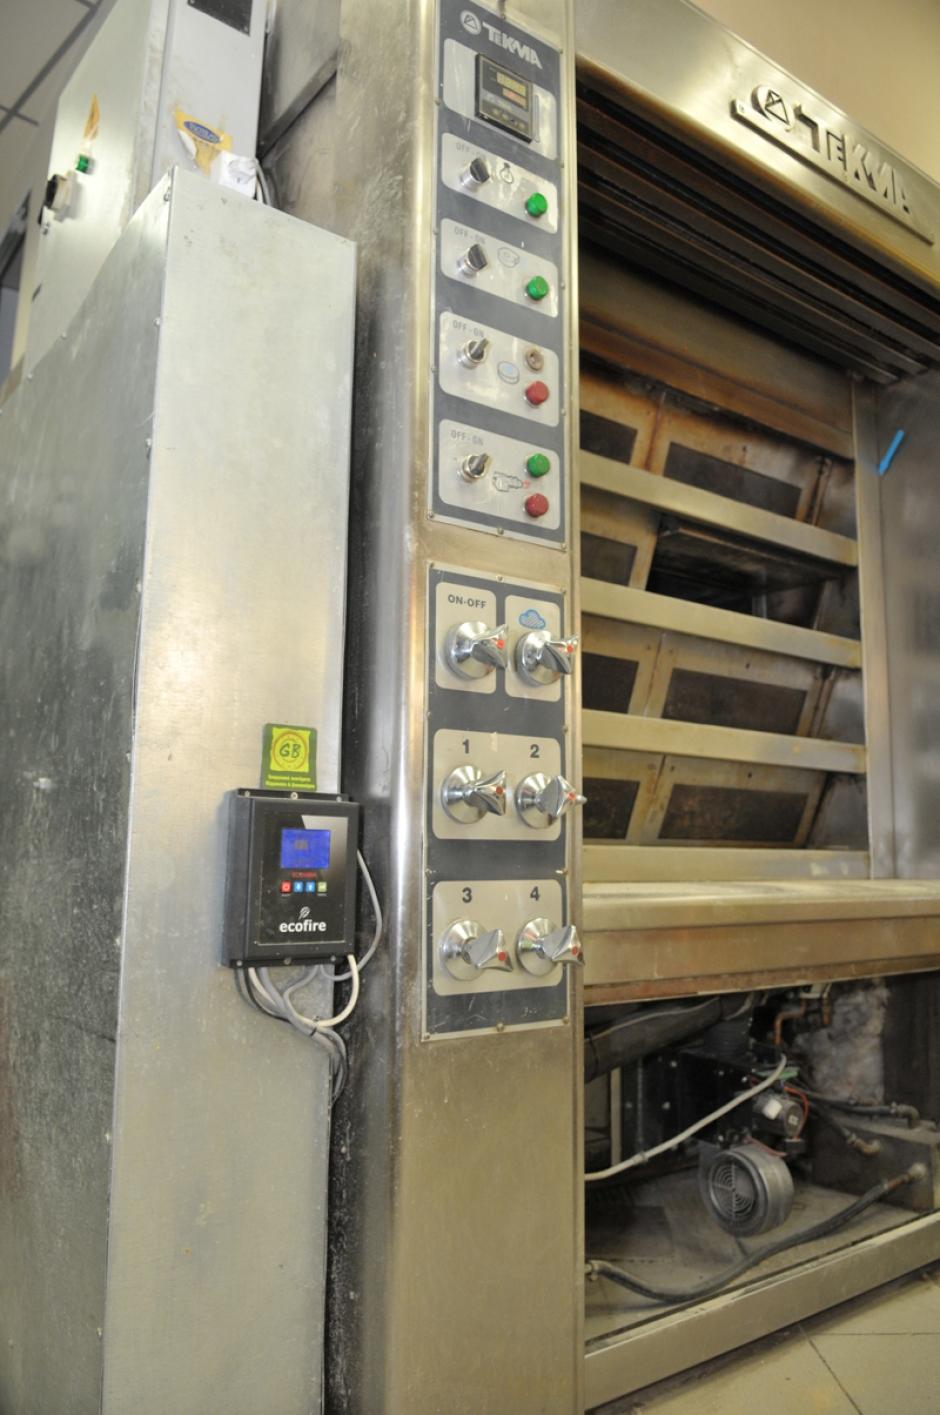 Καυστήρες φούρνων πέλλετ και μηχανήματα αρτοποιίας FOURNOS 5